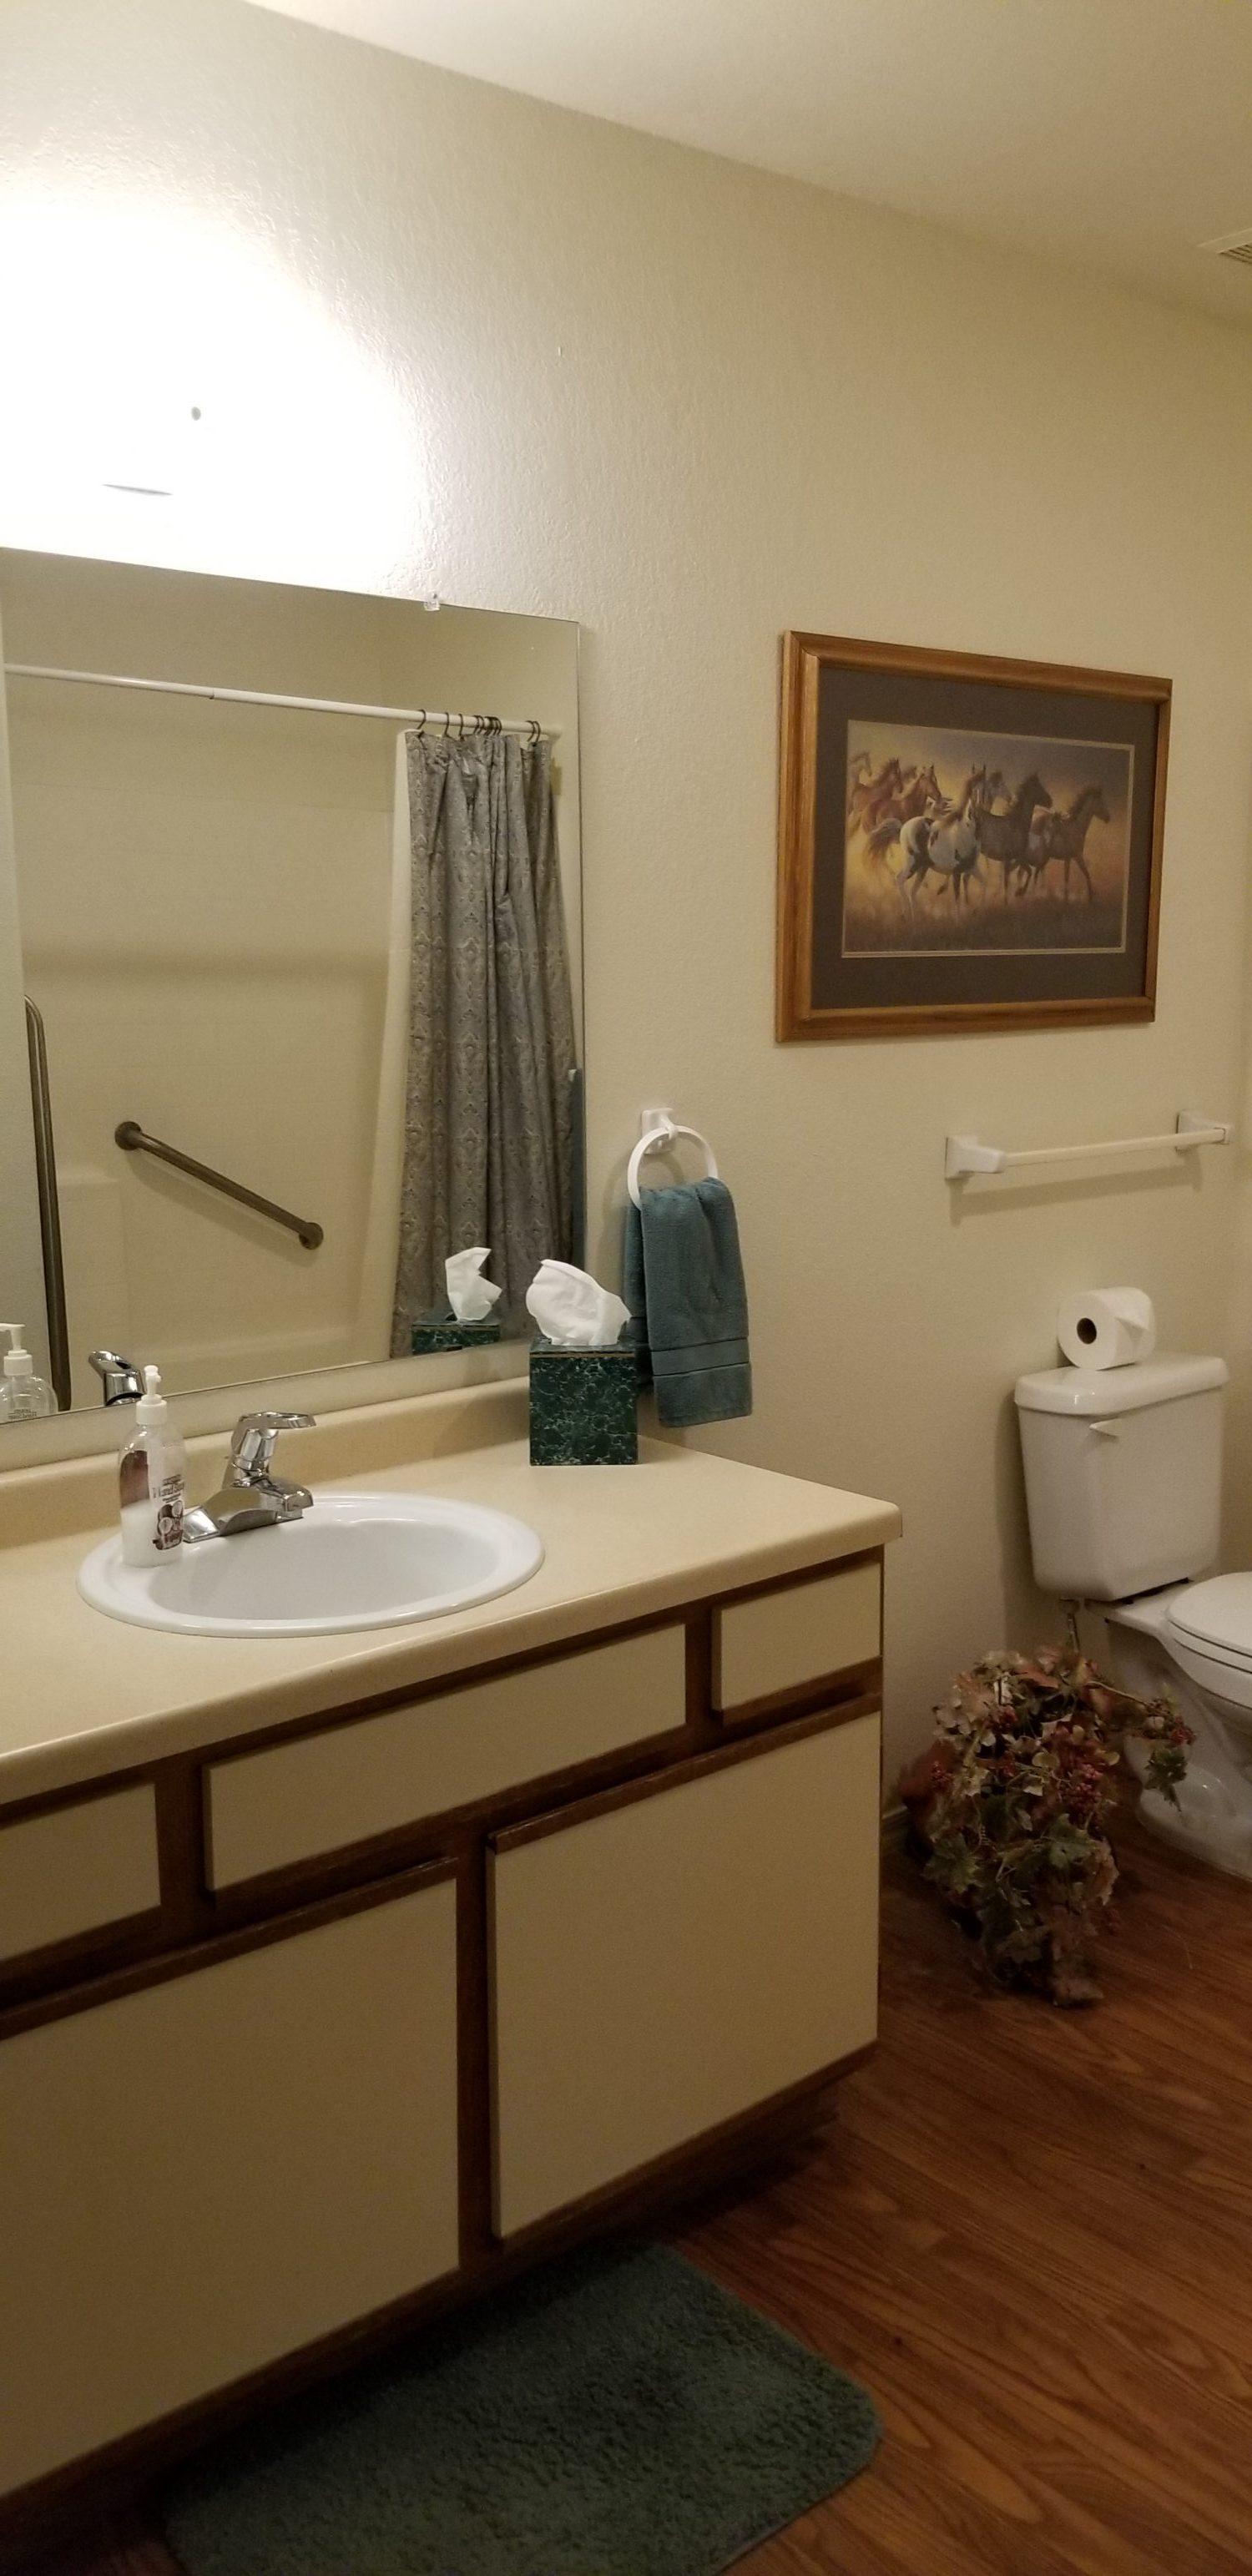 Villas by Mary T at Casa Grande bathroom